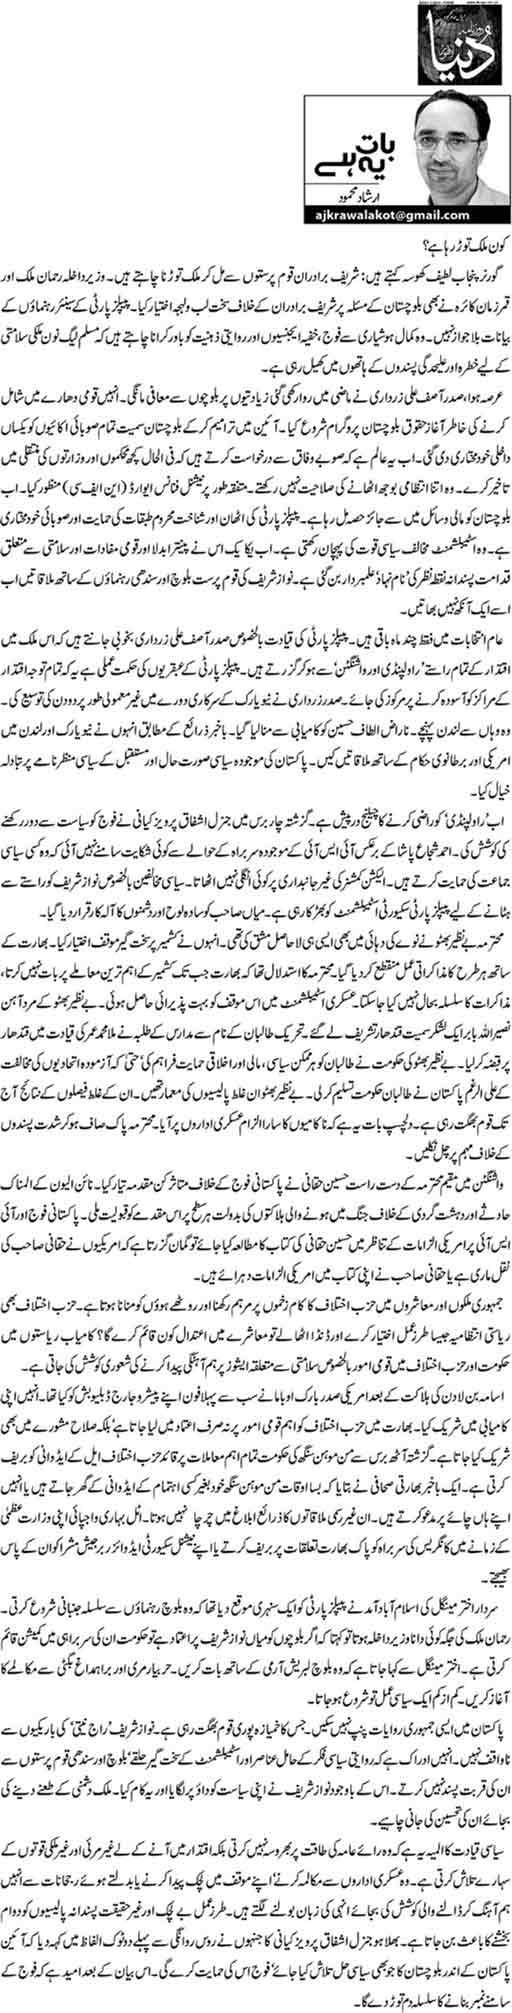 Kaun Mulk tor raha hai - Irshad Mehmood